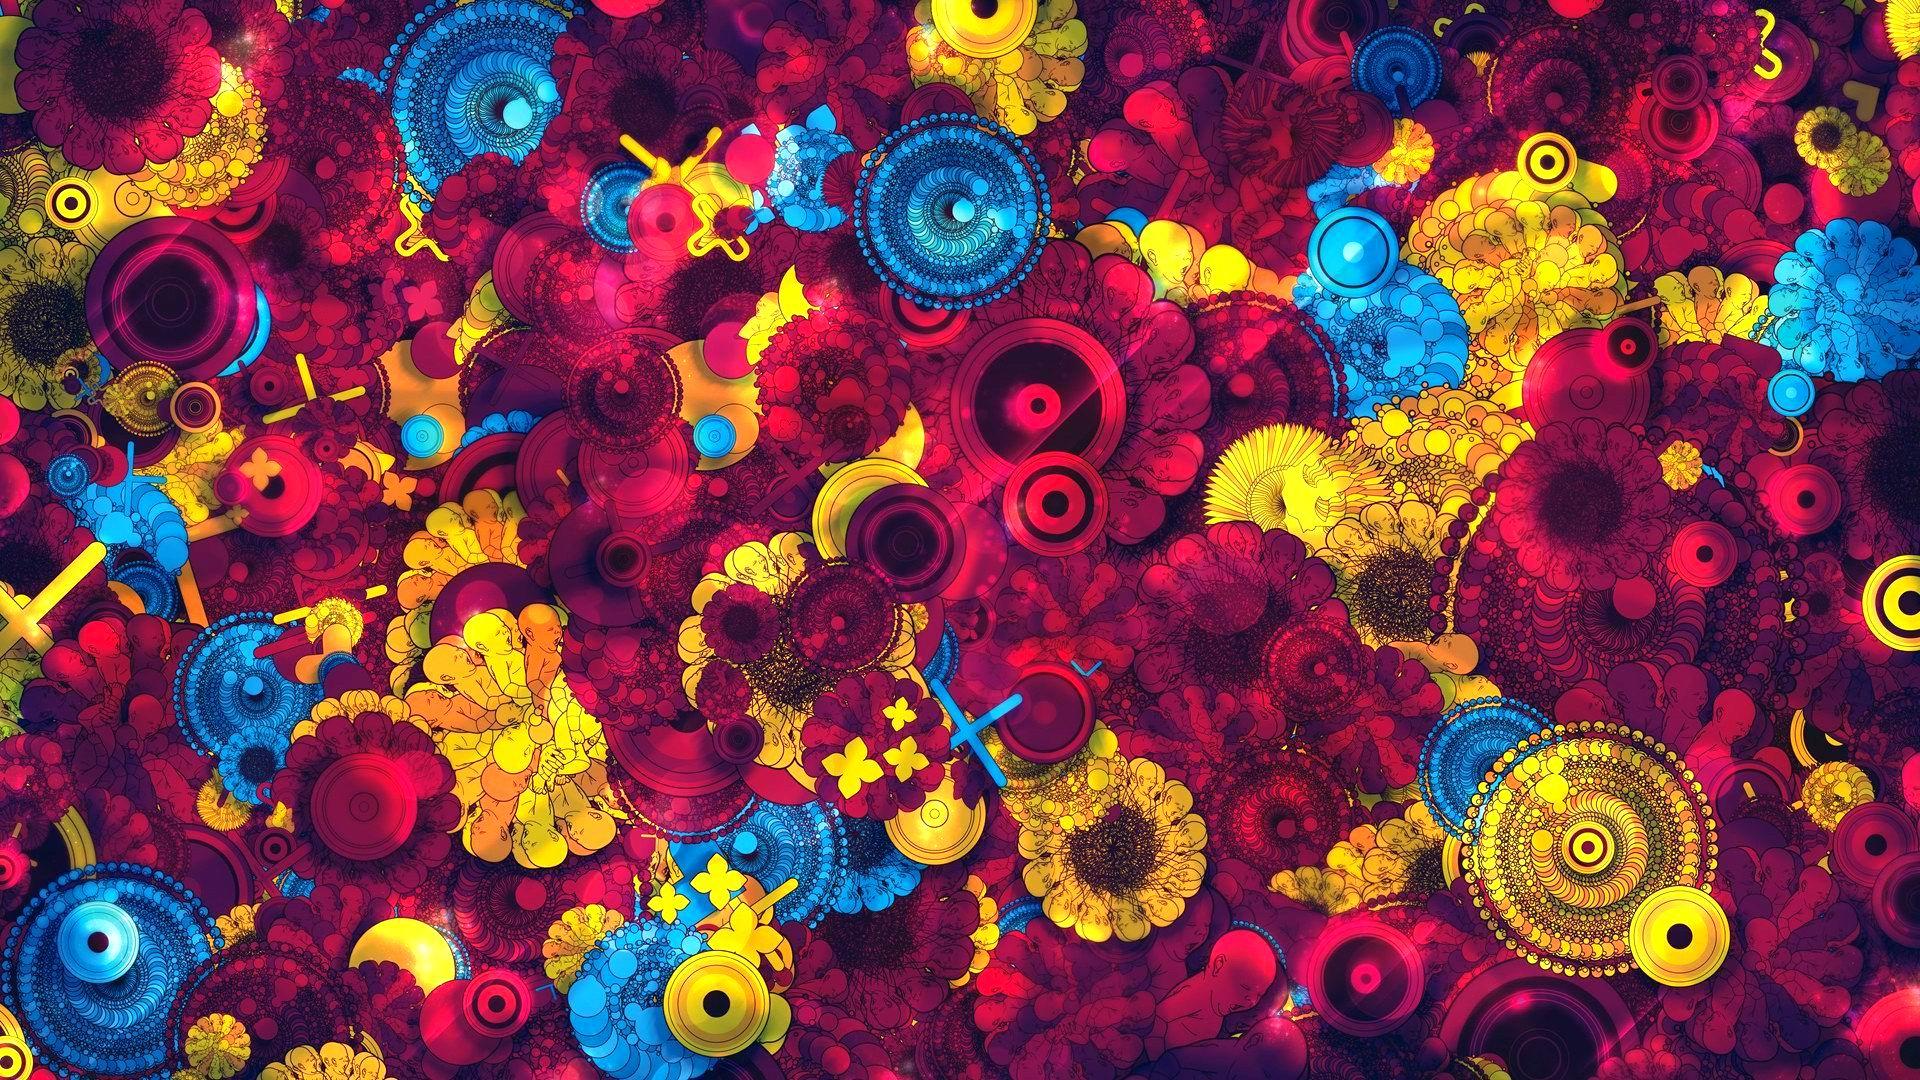 Hd Abstract Hd Widescreen Wallpaper Desktop - Abstract Hd Wallpaper For Pc , HD Wallpaper & Backgrounds